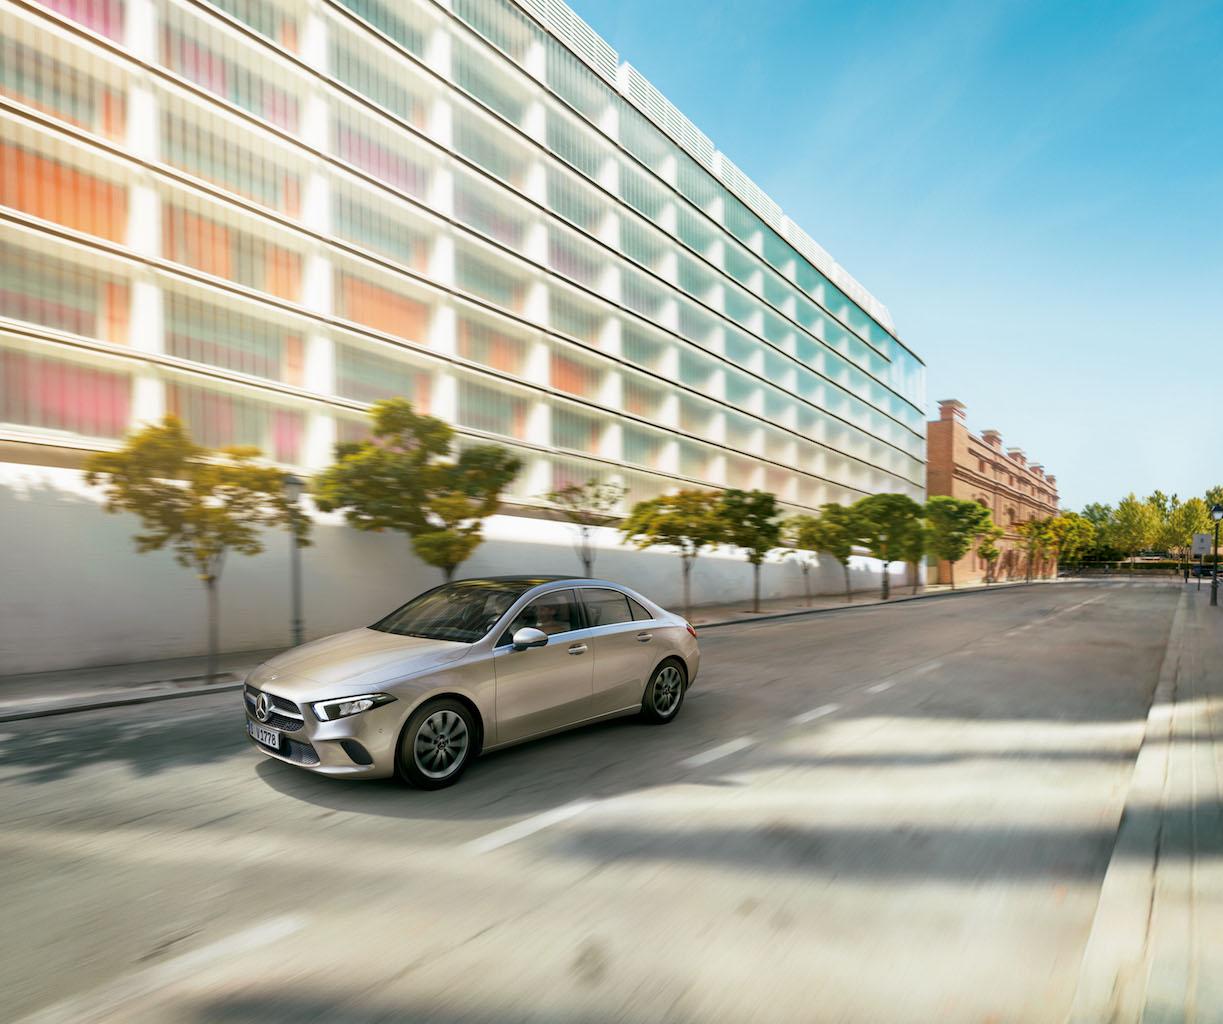 「【新車】メルセデス・ベンツからAクラス セダンが登場。4ドアクーペのような官能的なスタイリングで魅せる」の14枚目の画像